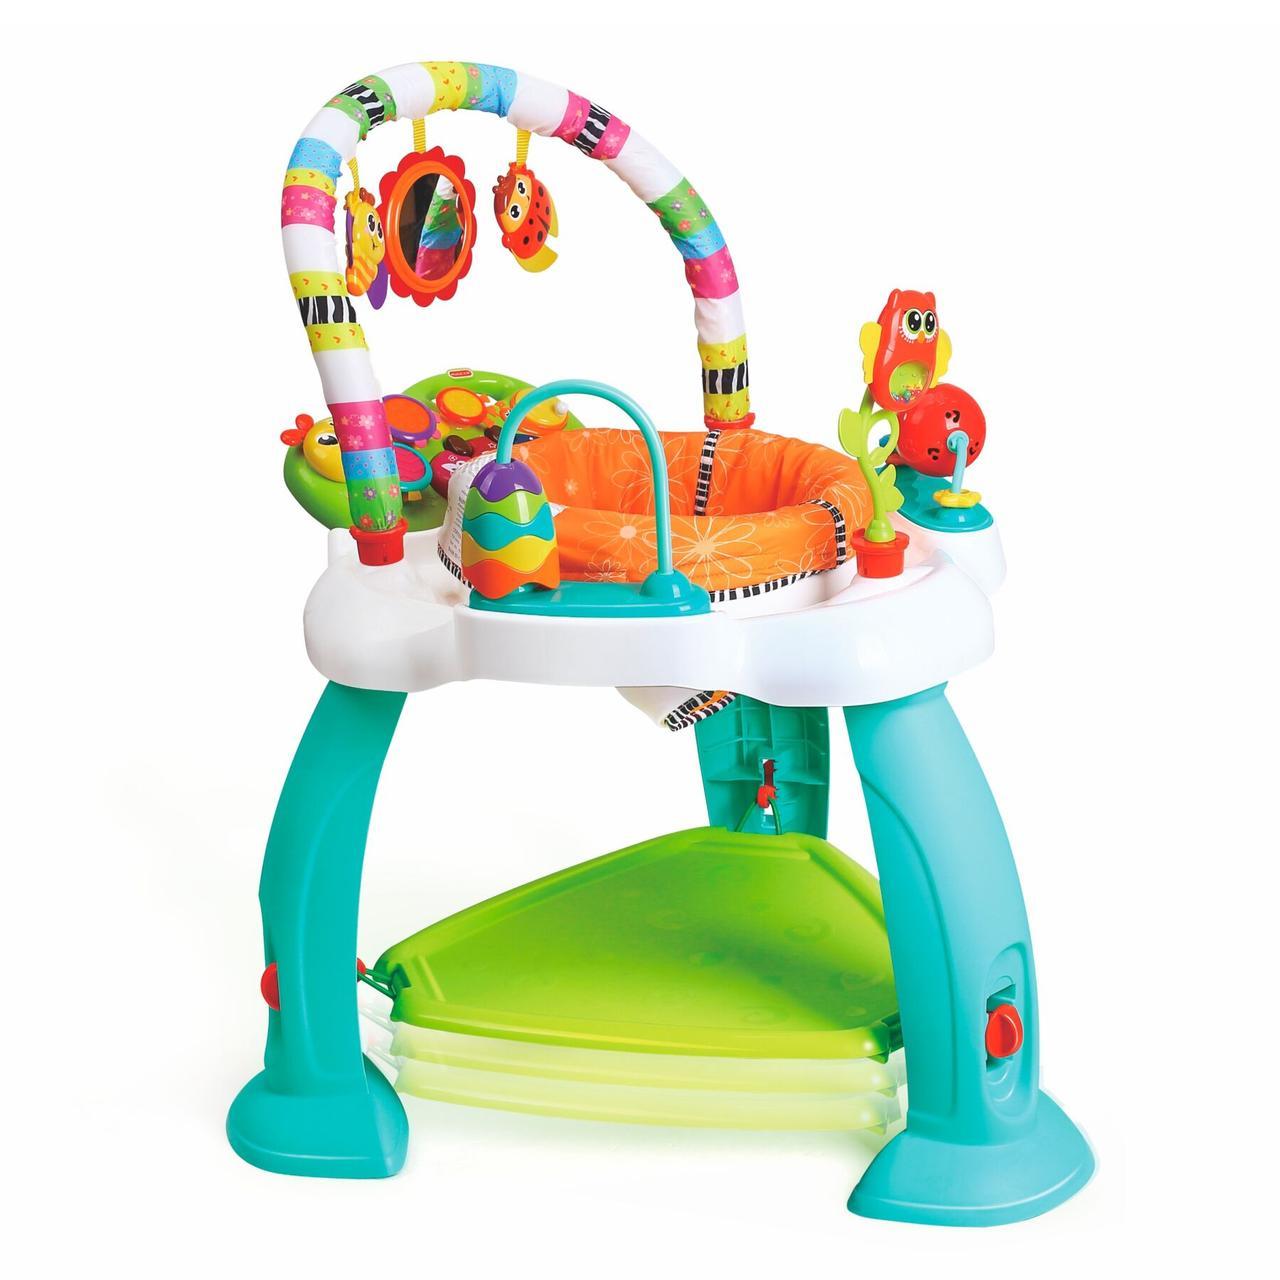 Музыкальный игровой центр Hola Toys 2106